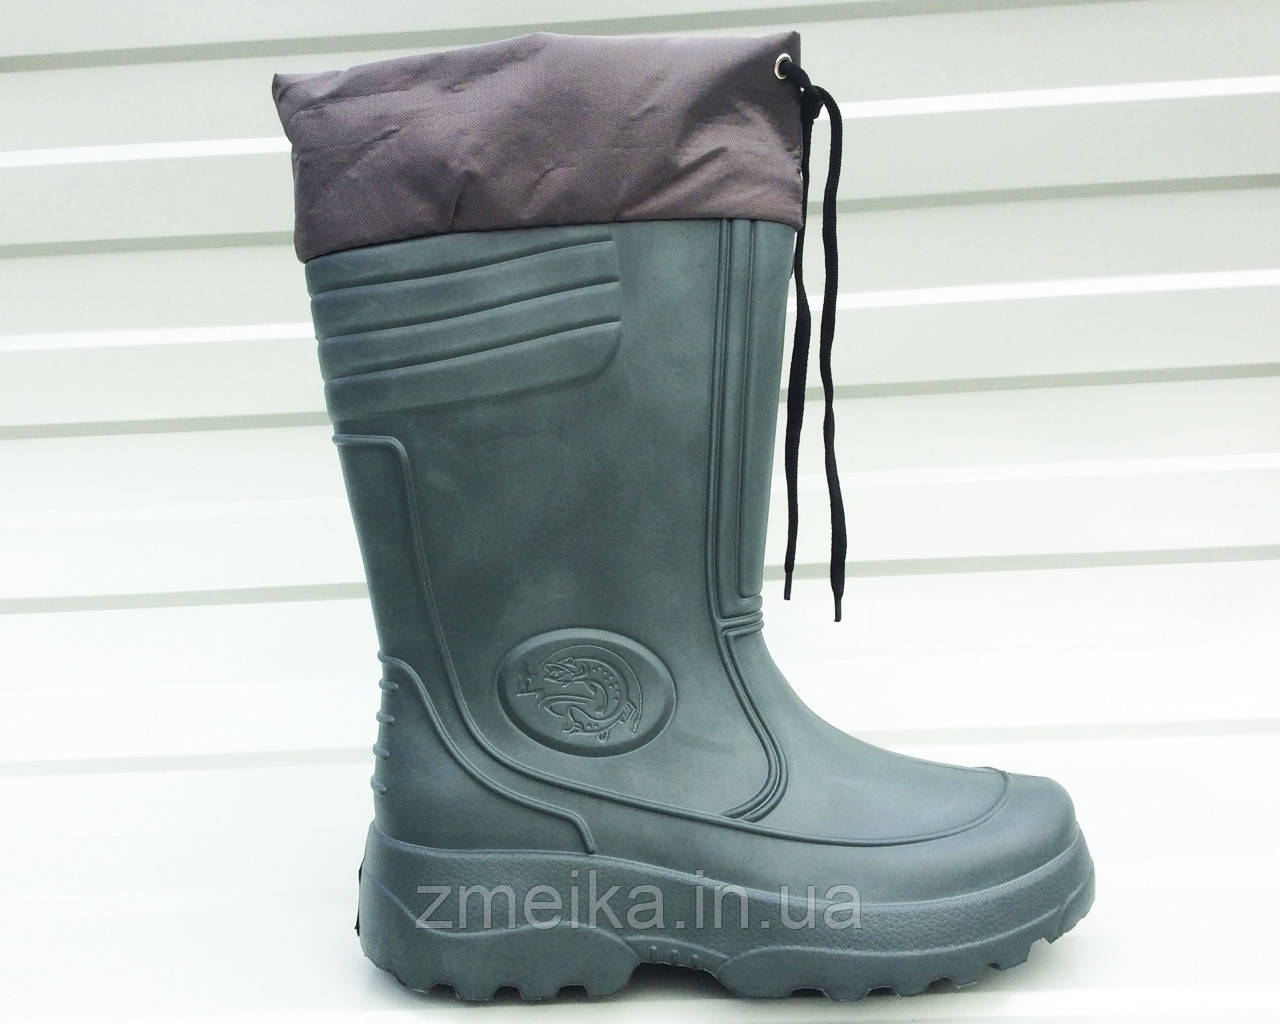 Обувь для охоты и рыбалки оптом в Украине. Сравнить цены e59831bf5cd34